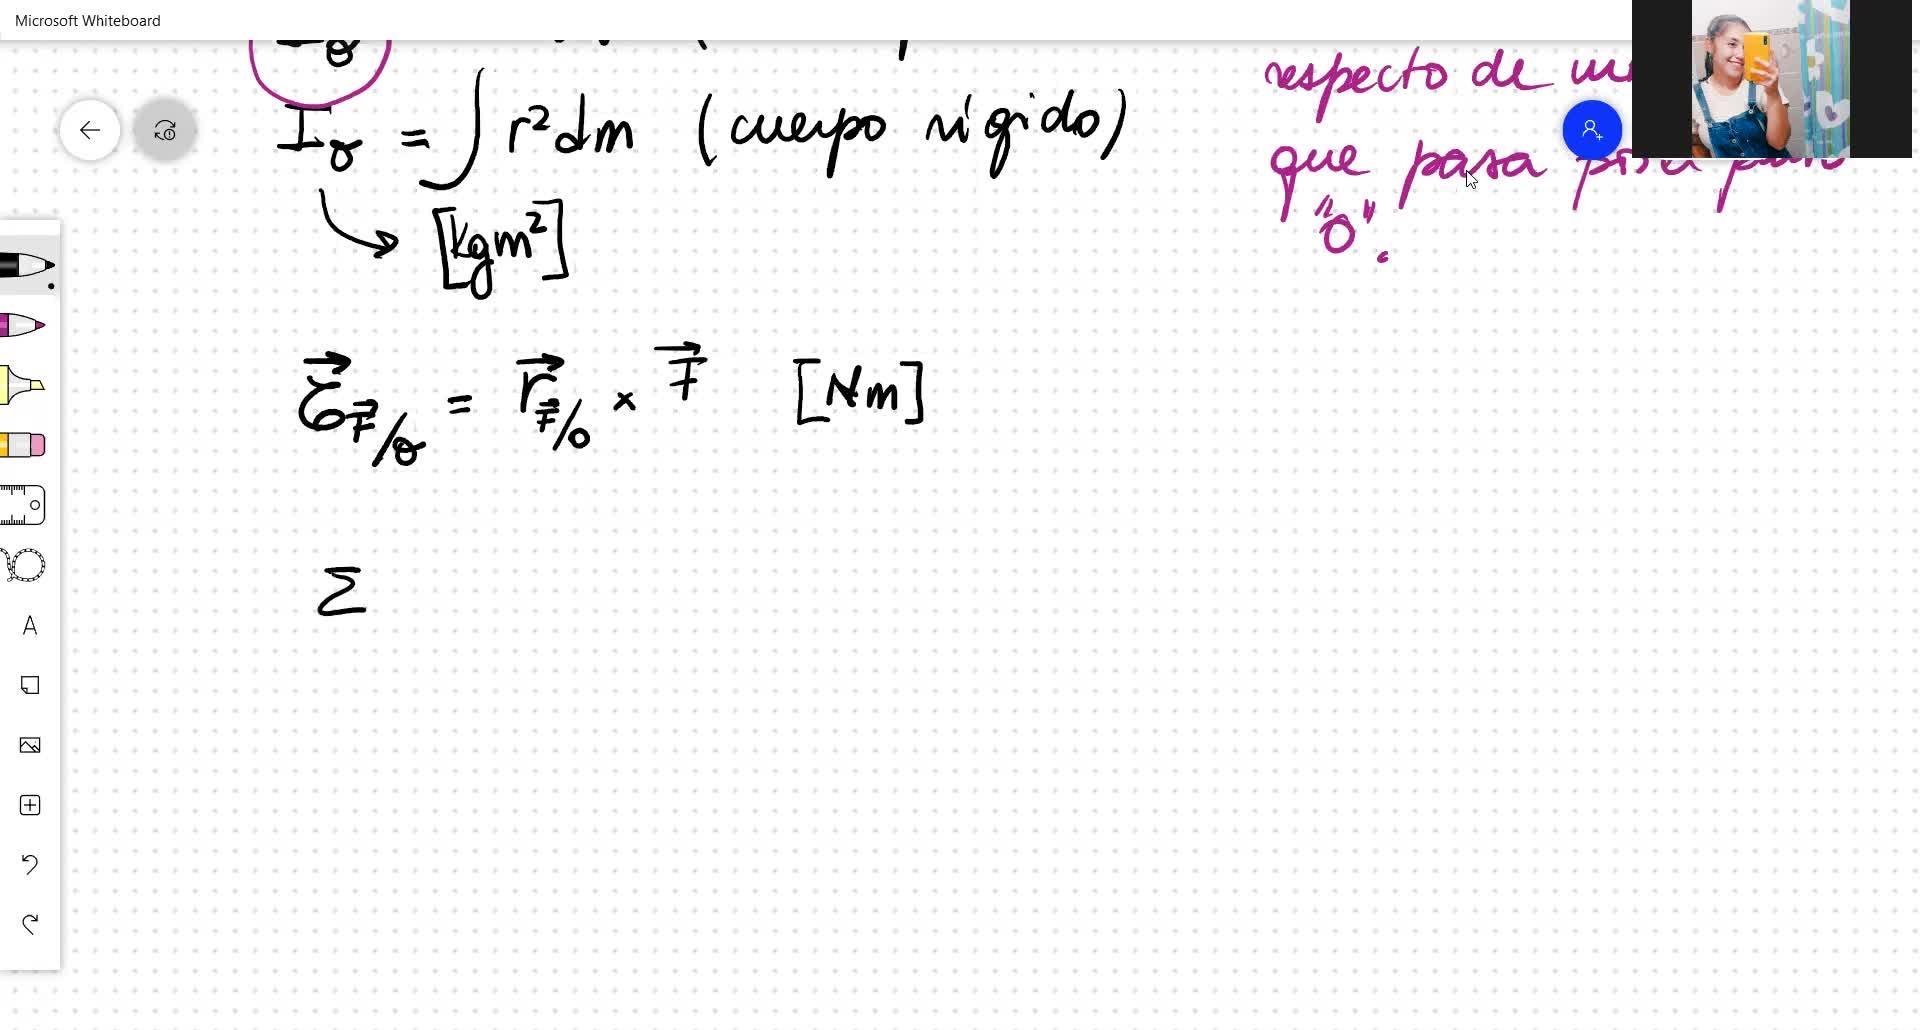 MOD3-Rototraslación 1-23-11